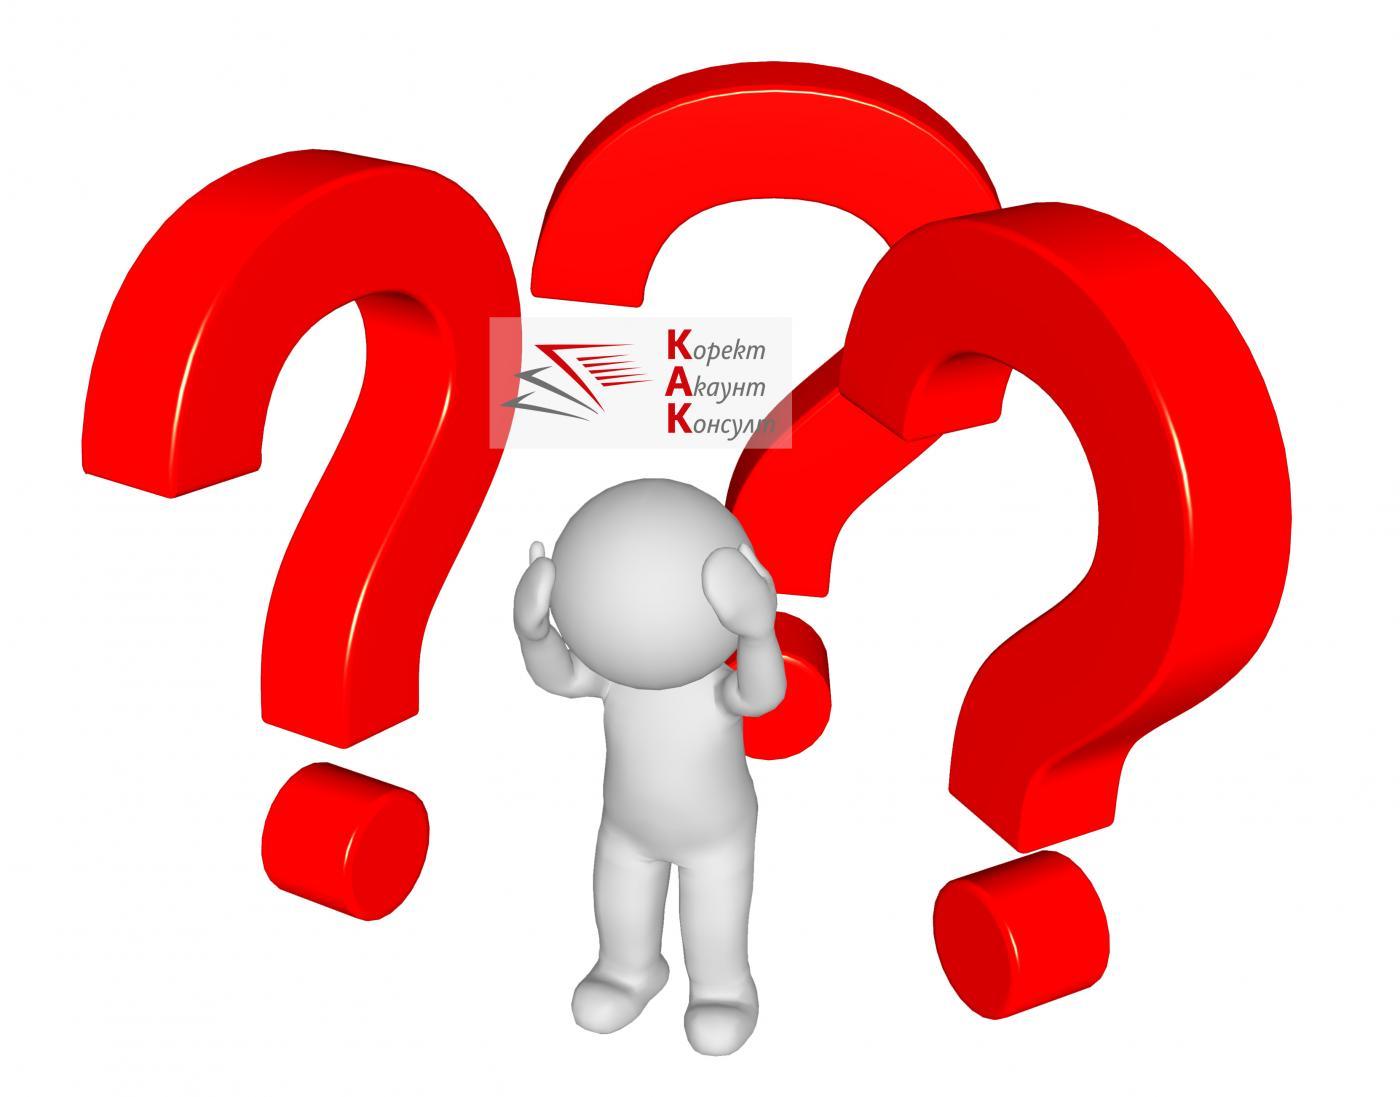 Какво да направя, ако справката сочи, че има незаконно разпространени мои лични данни?